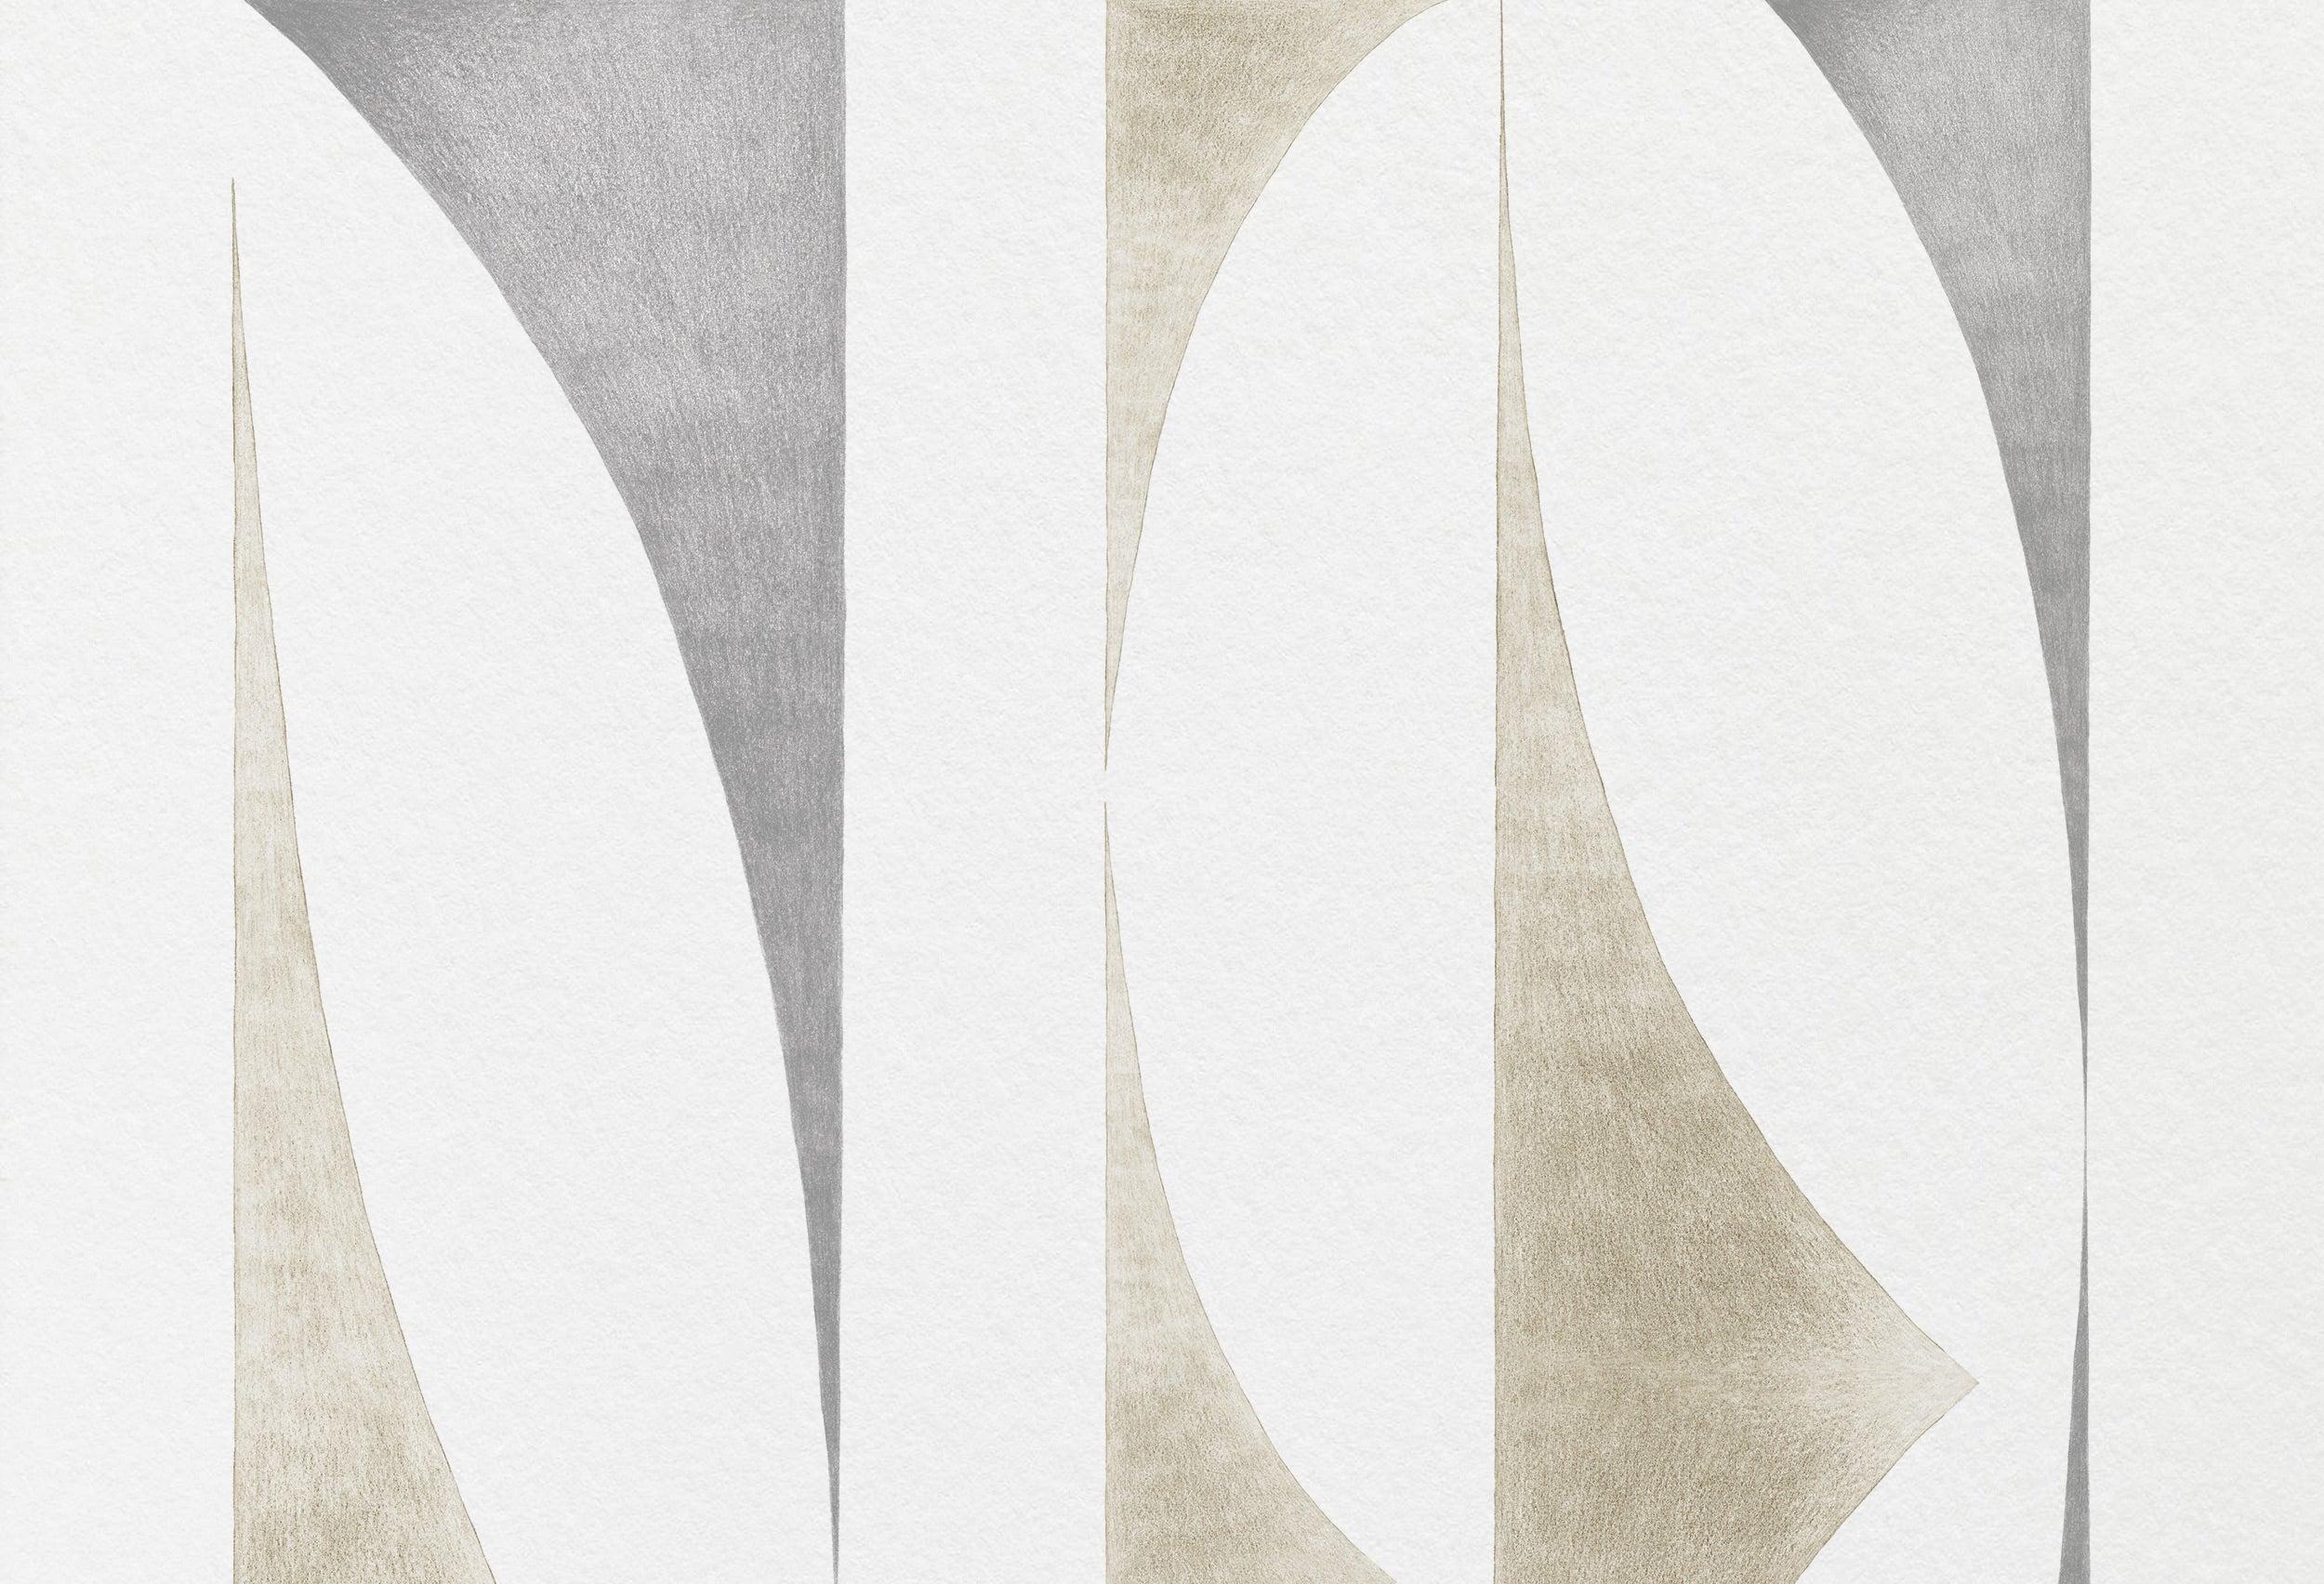 Image of Shades No. 1